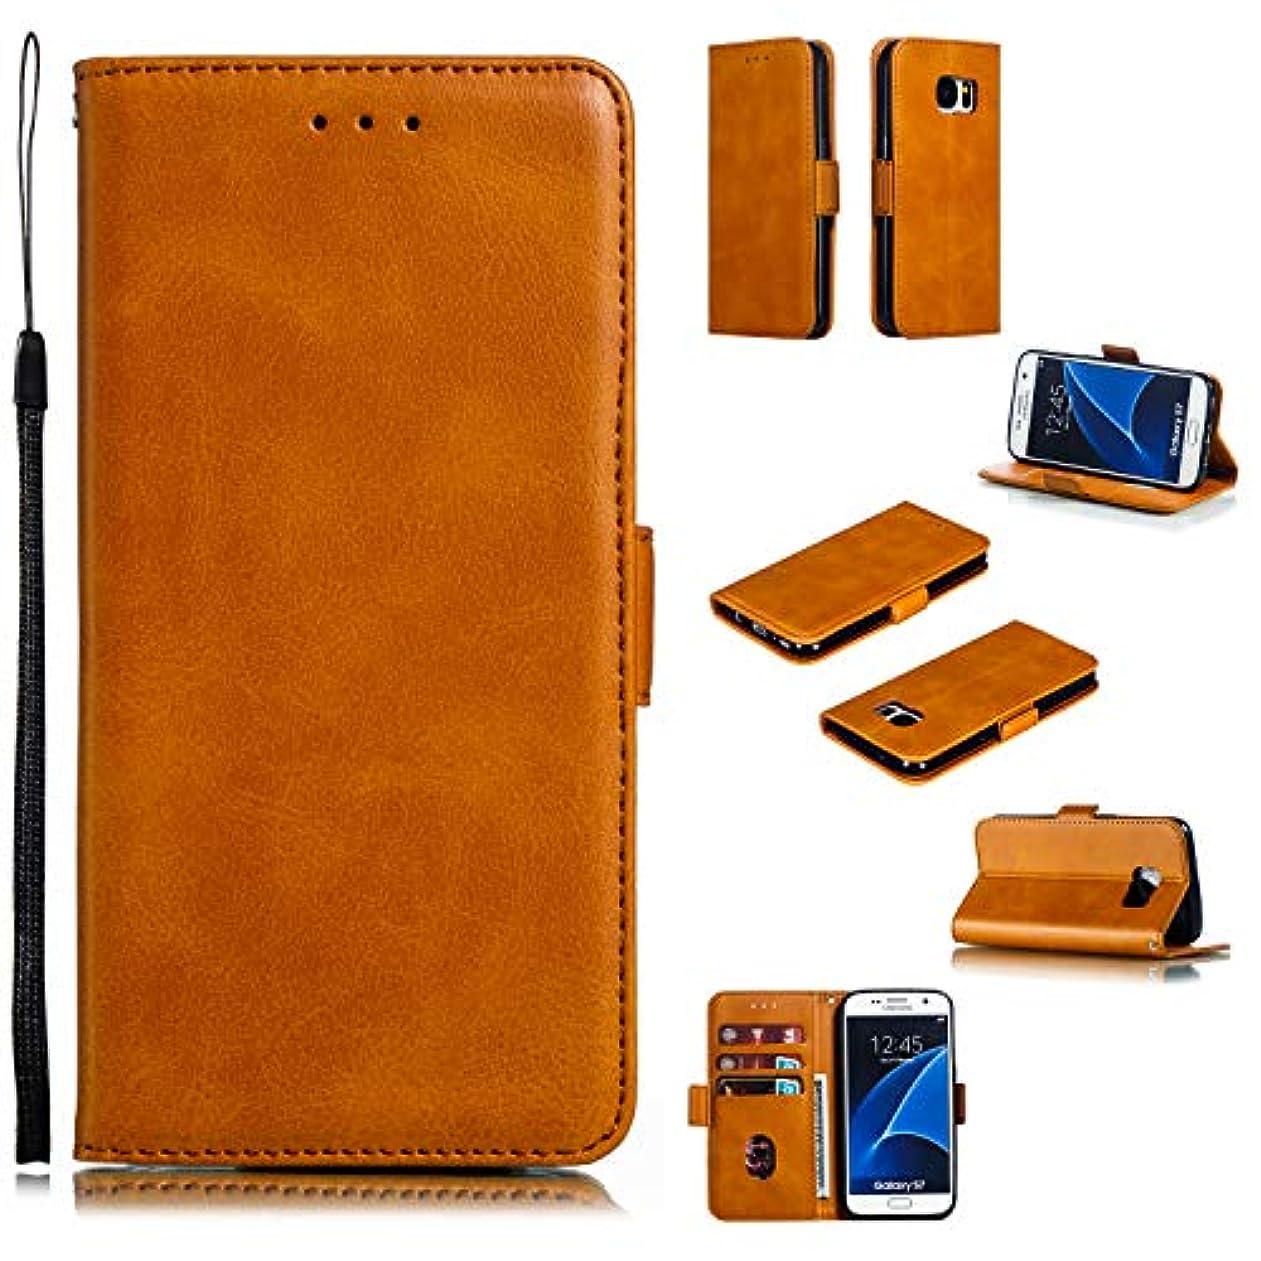 センターいたずら要件Tosim Galaxy S7 ケース 手帳型 カード収納 高級PUレザー スタンド機能 マグネット ギャラクシーS7 財布型 ケース スマホケース 全面保護 衝撃吸収 スマホカバー - TOYTE010286 黄